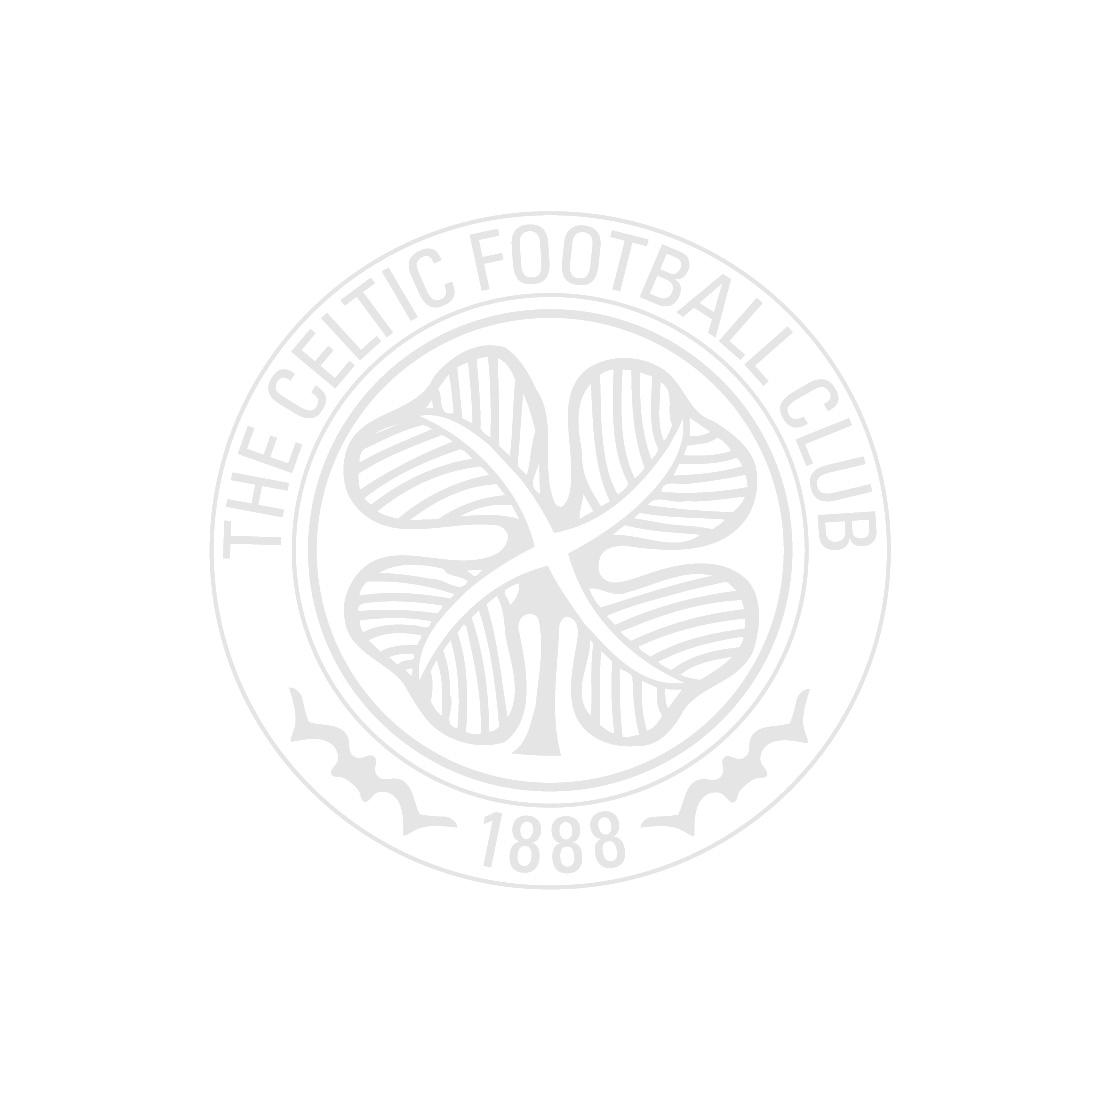 Celtic Jock Stein Statue